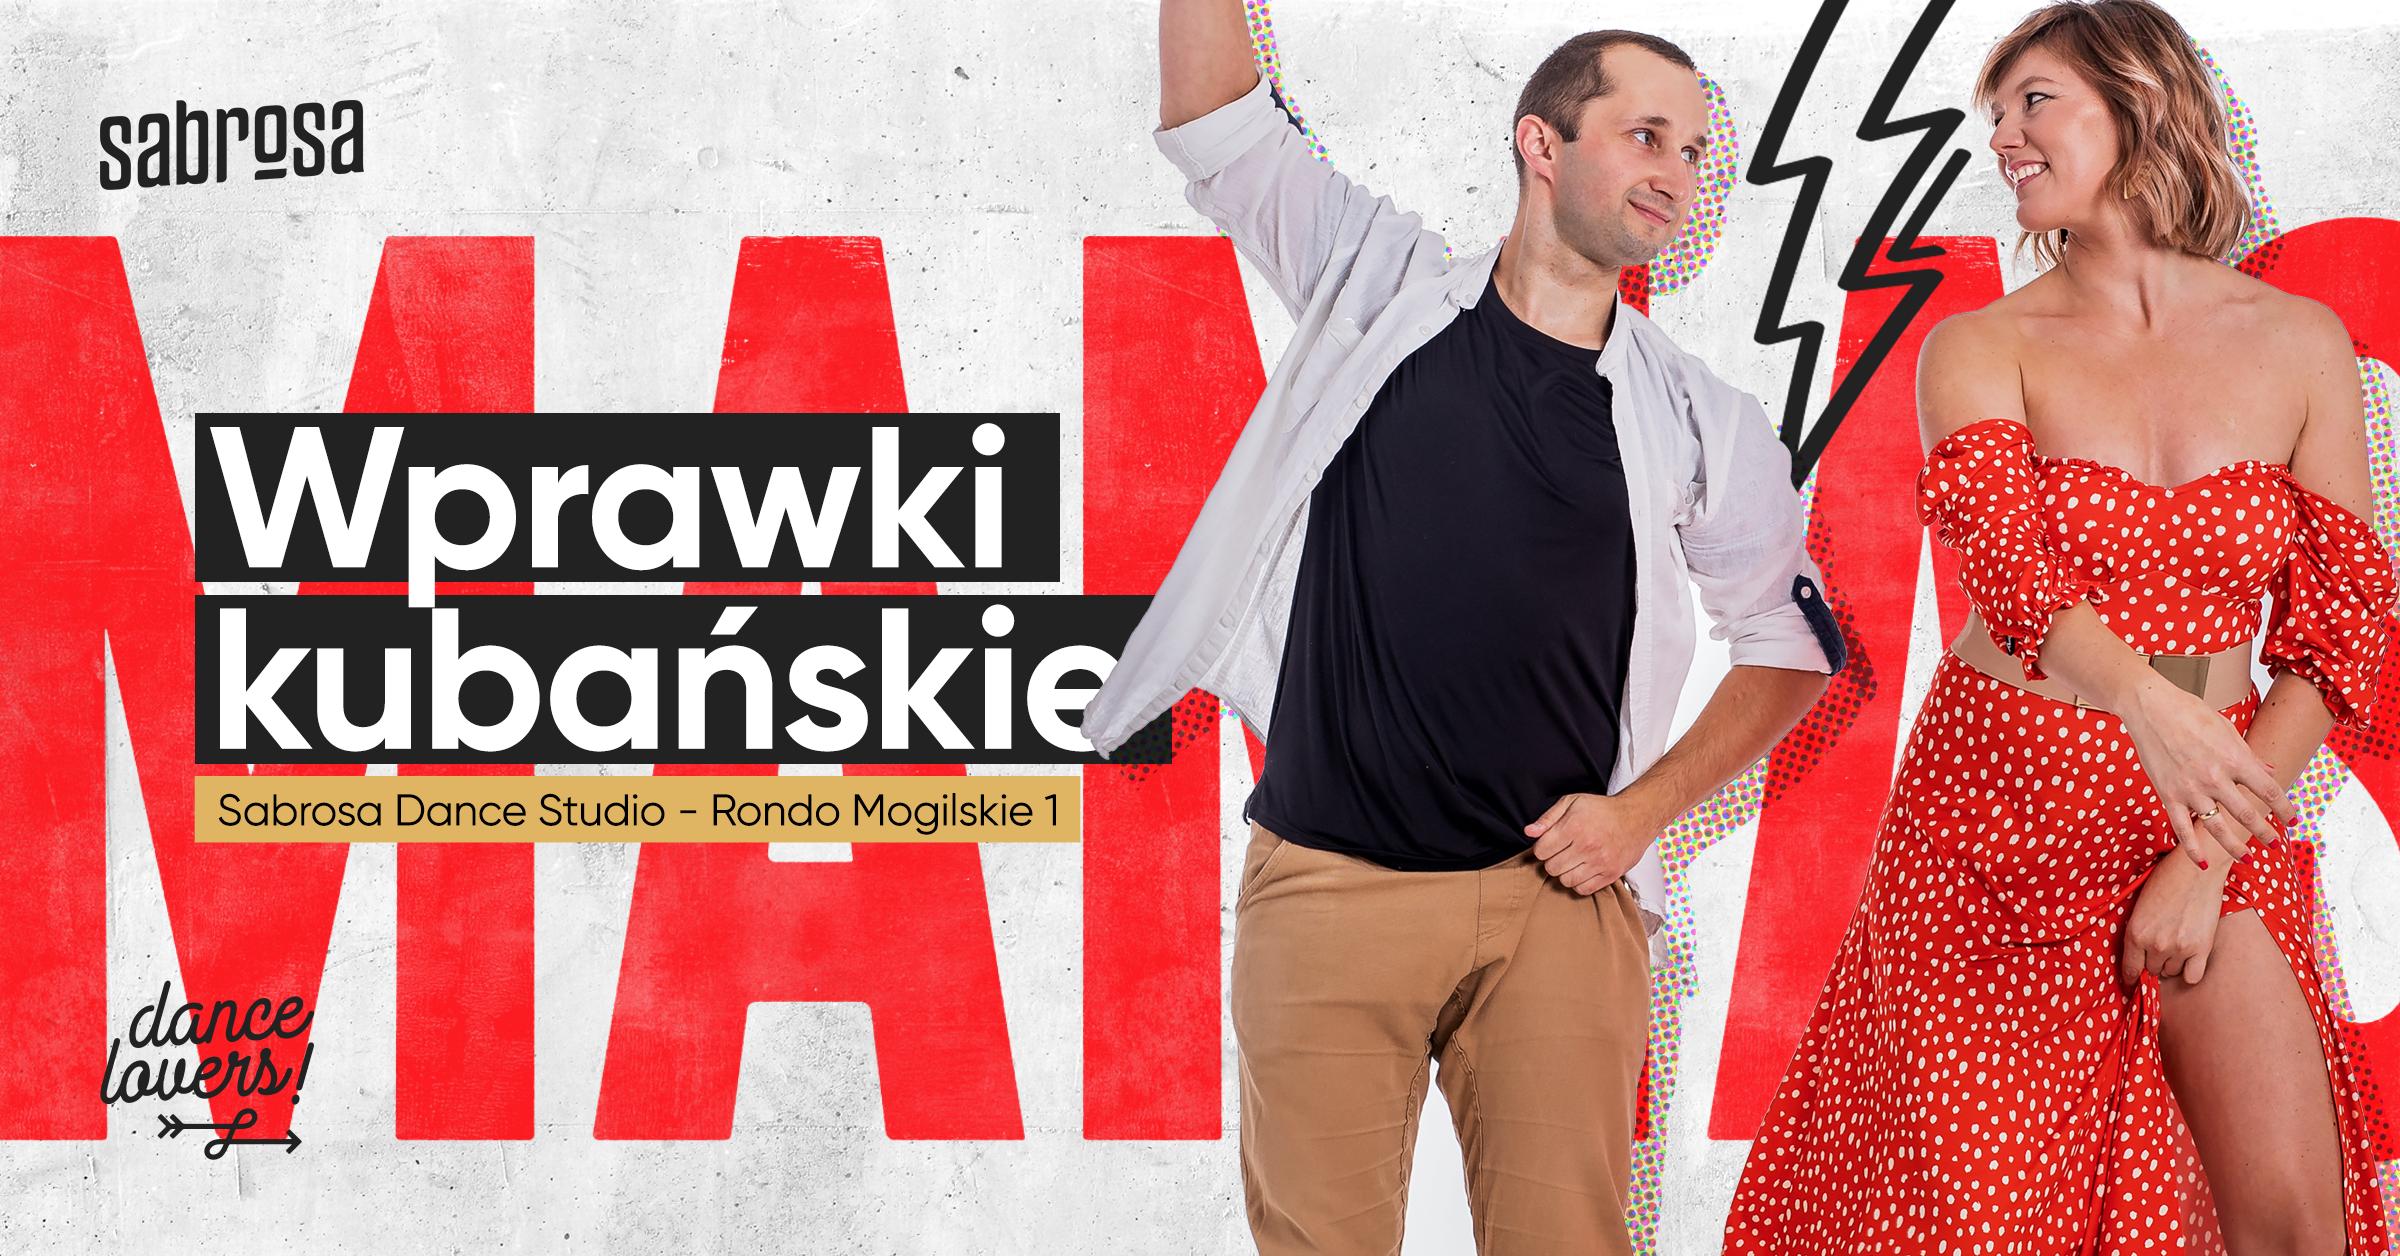 Wprawki kubańskie  w Salsa Sabrosa Dance Studio - Kraków